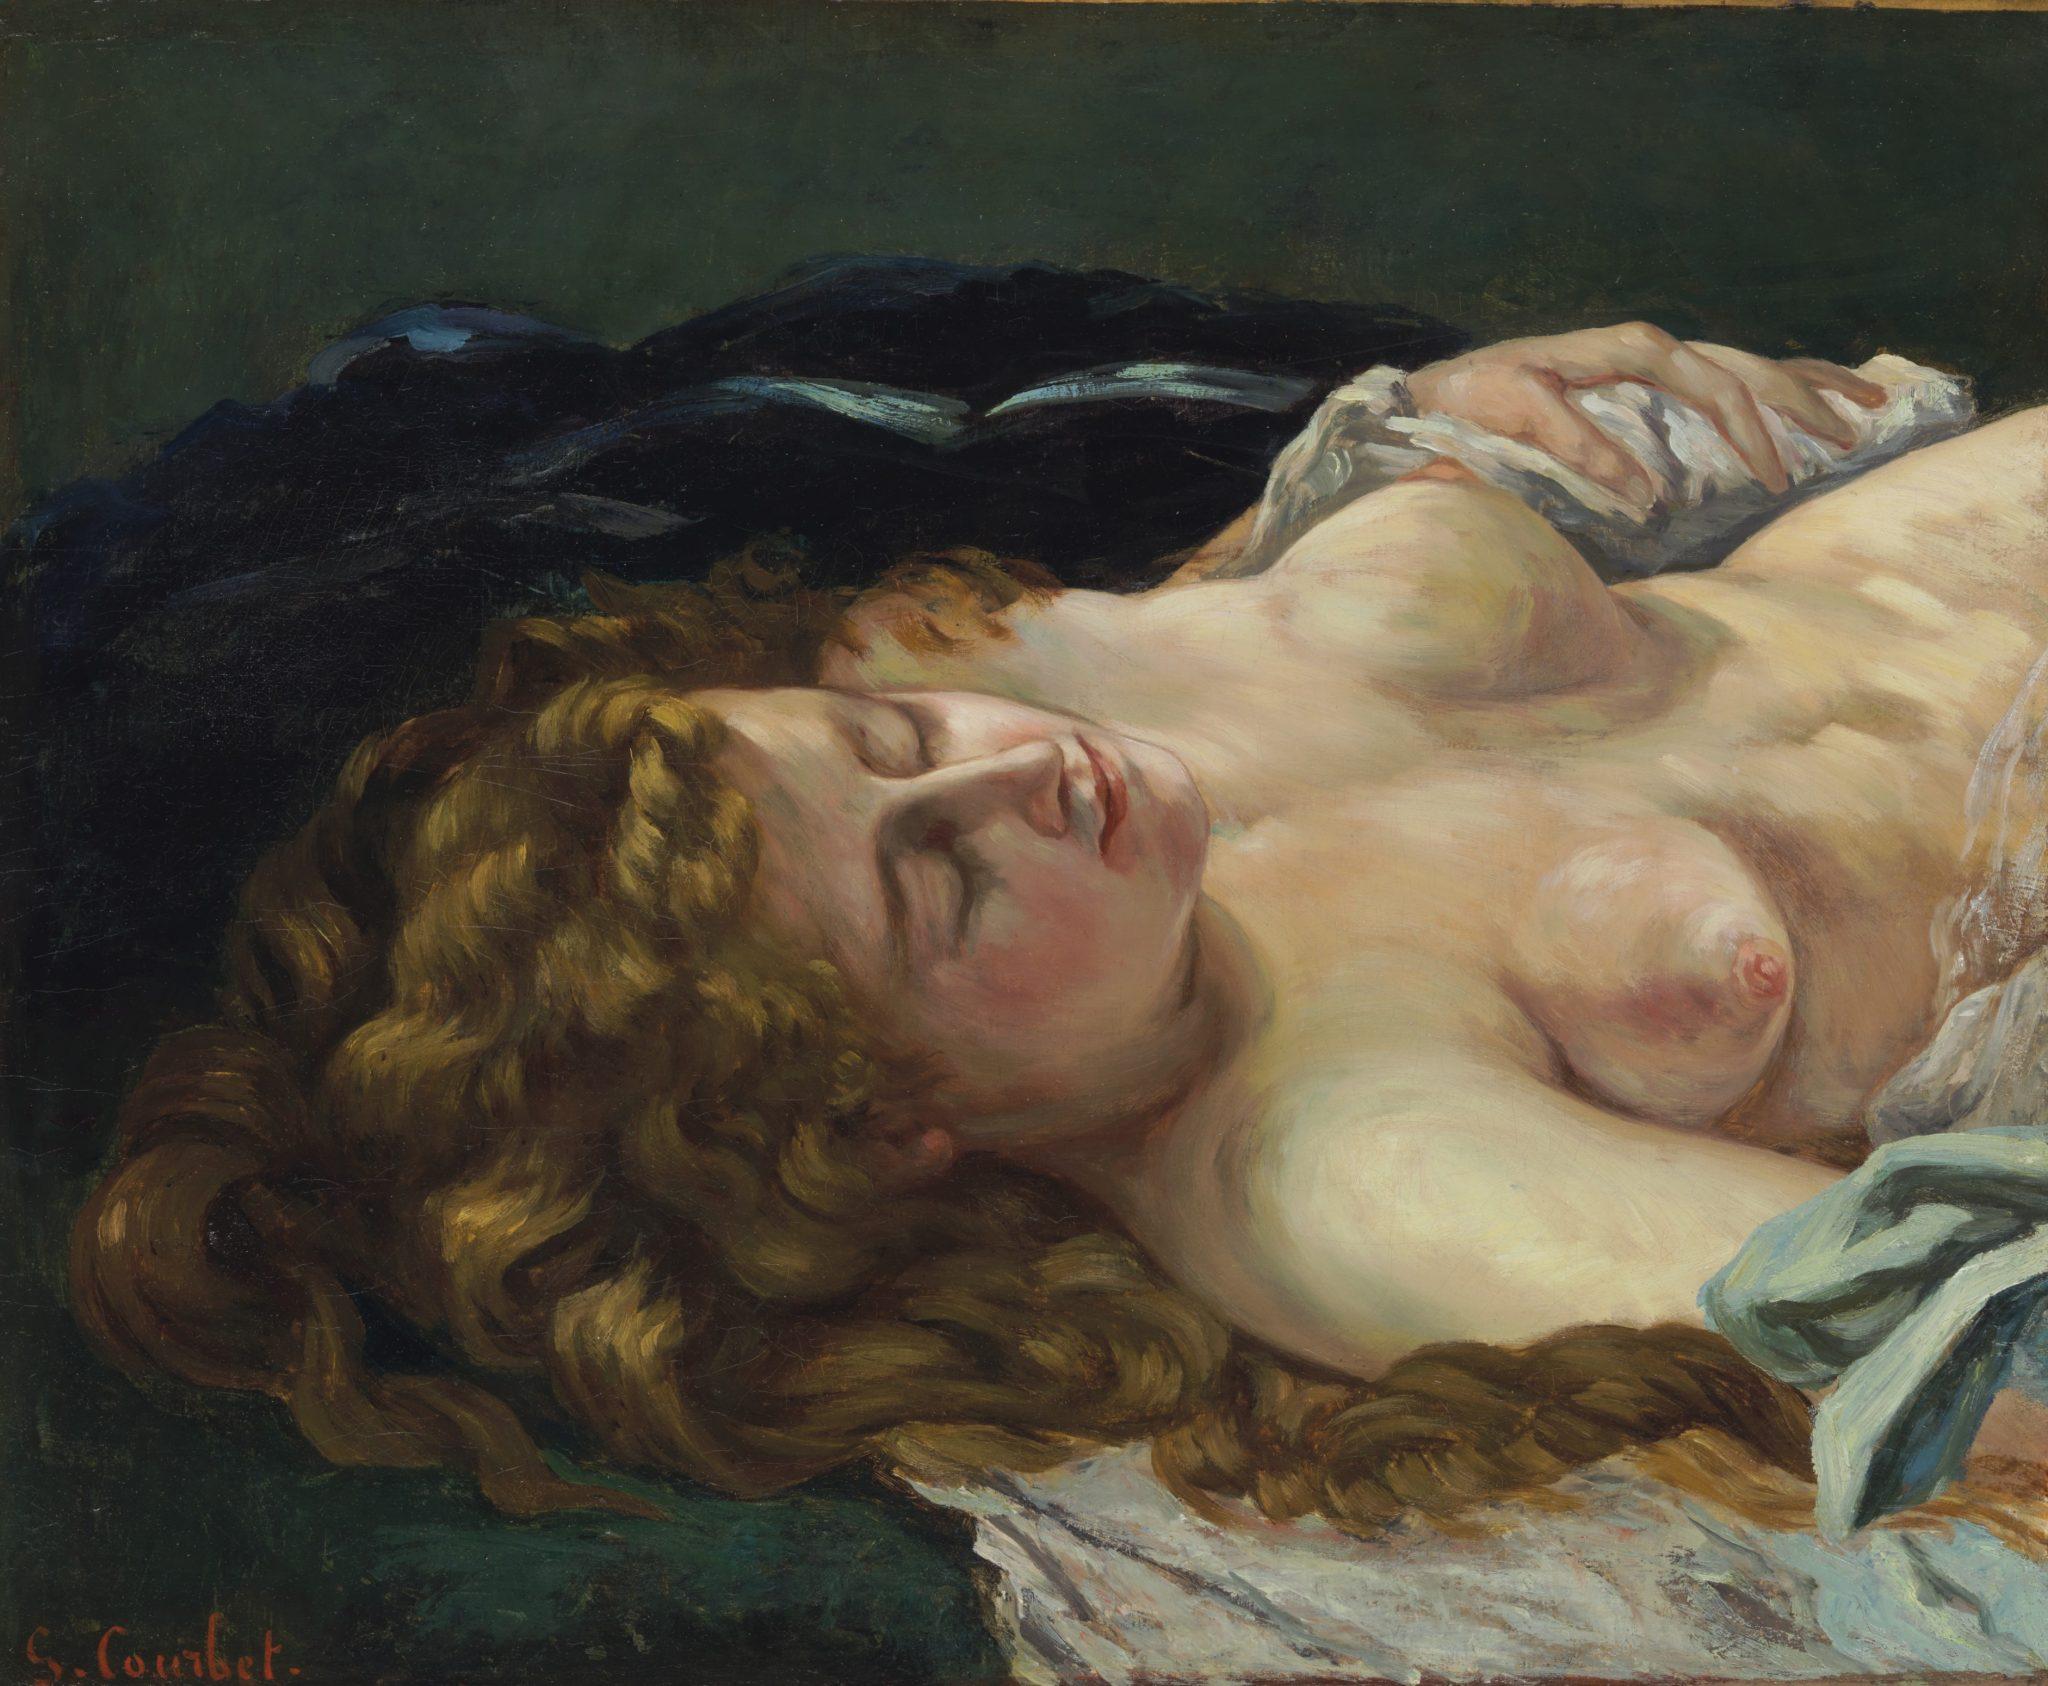 Courbet-christie's